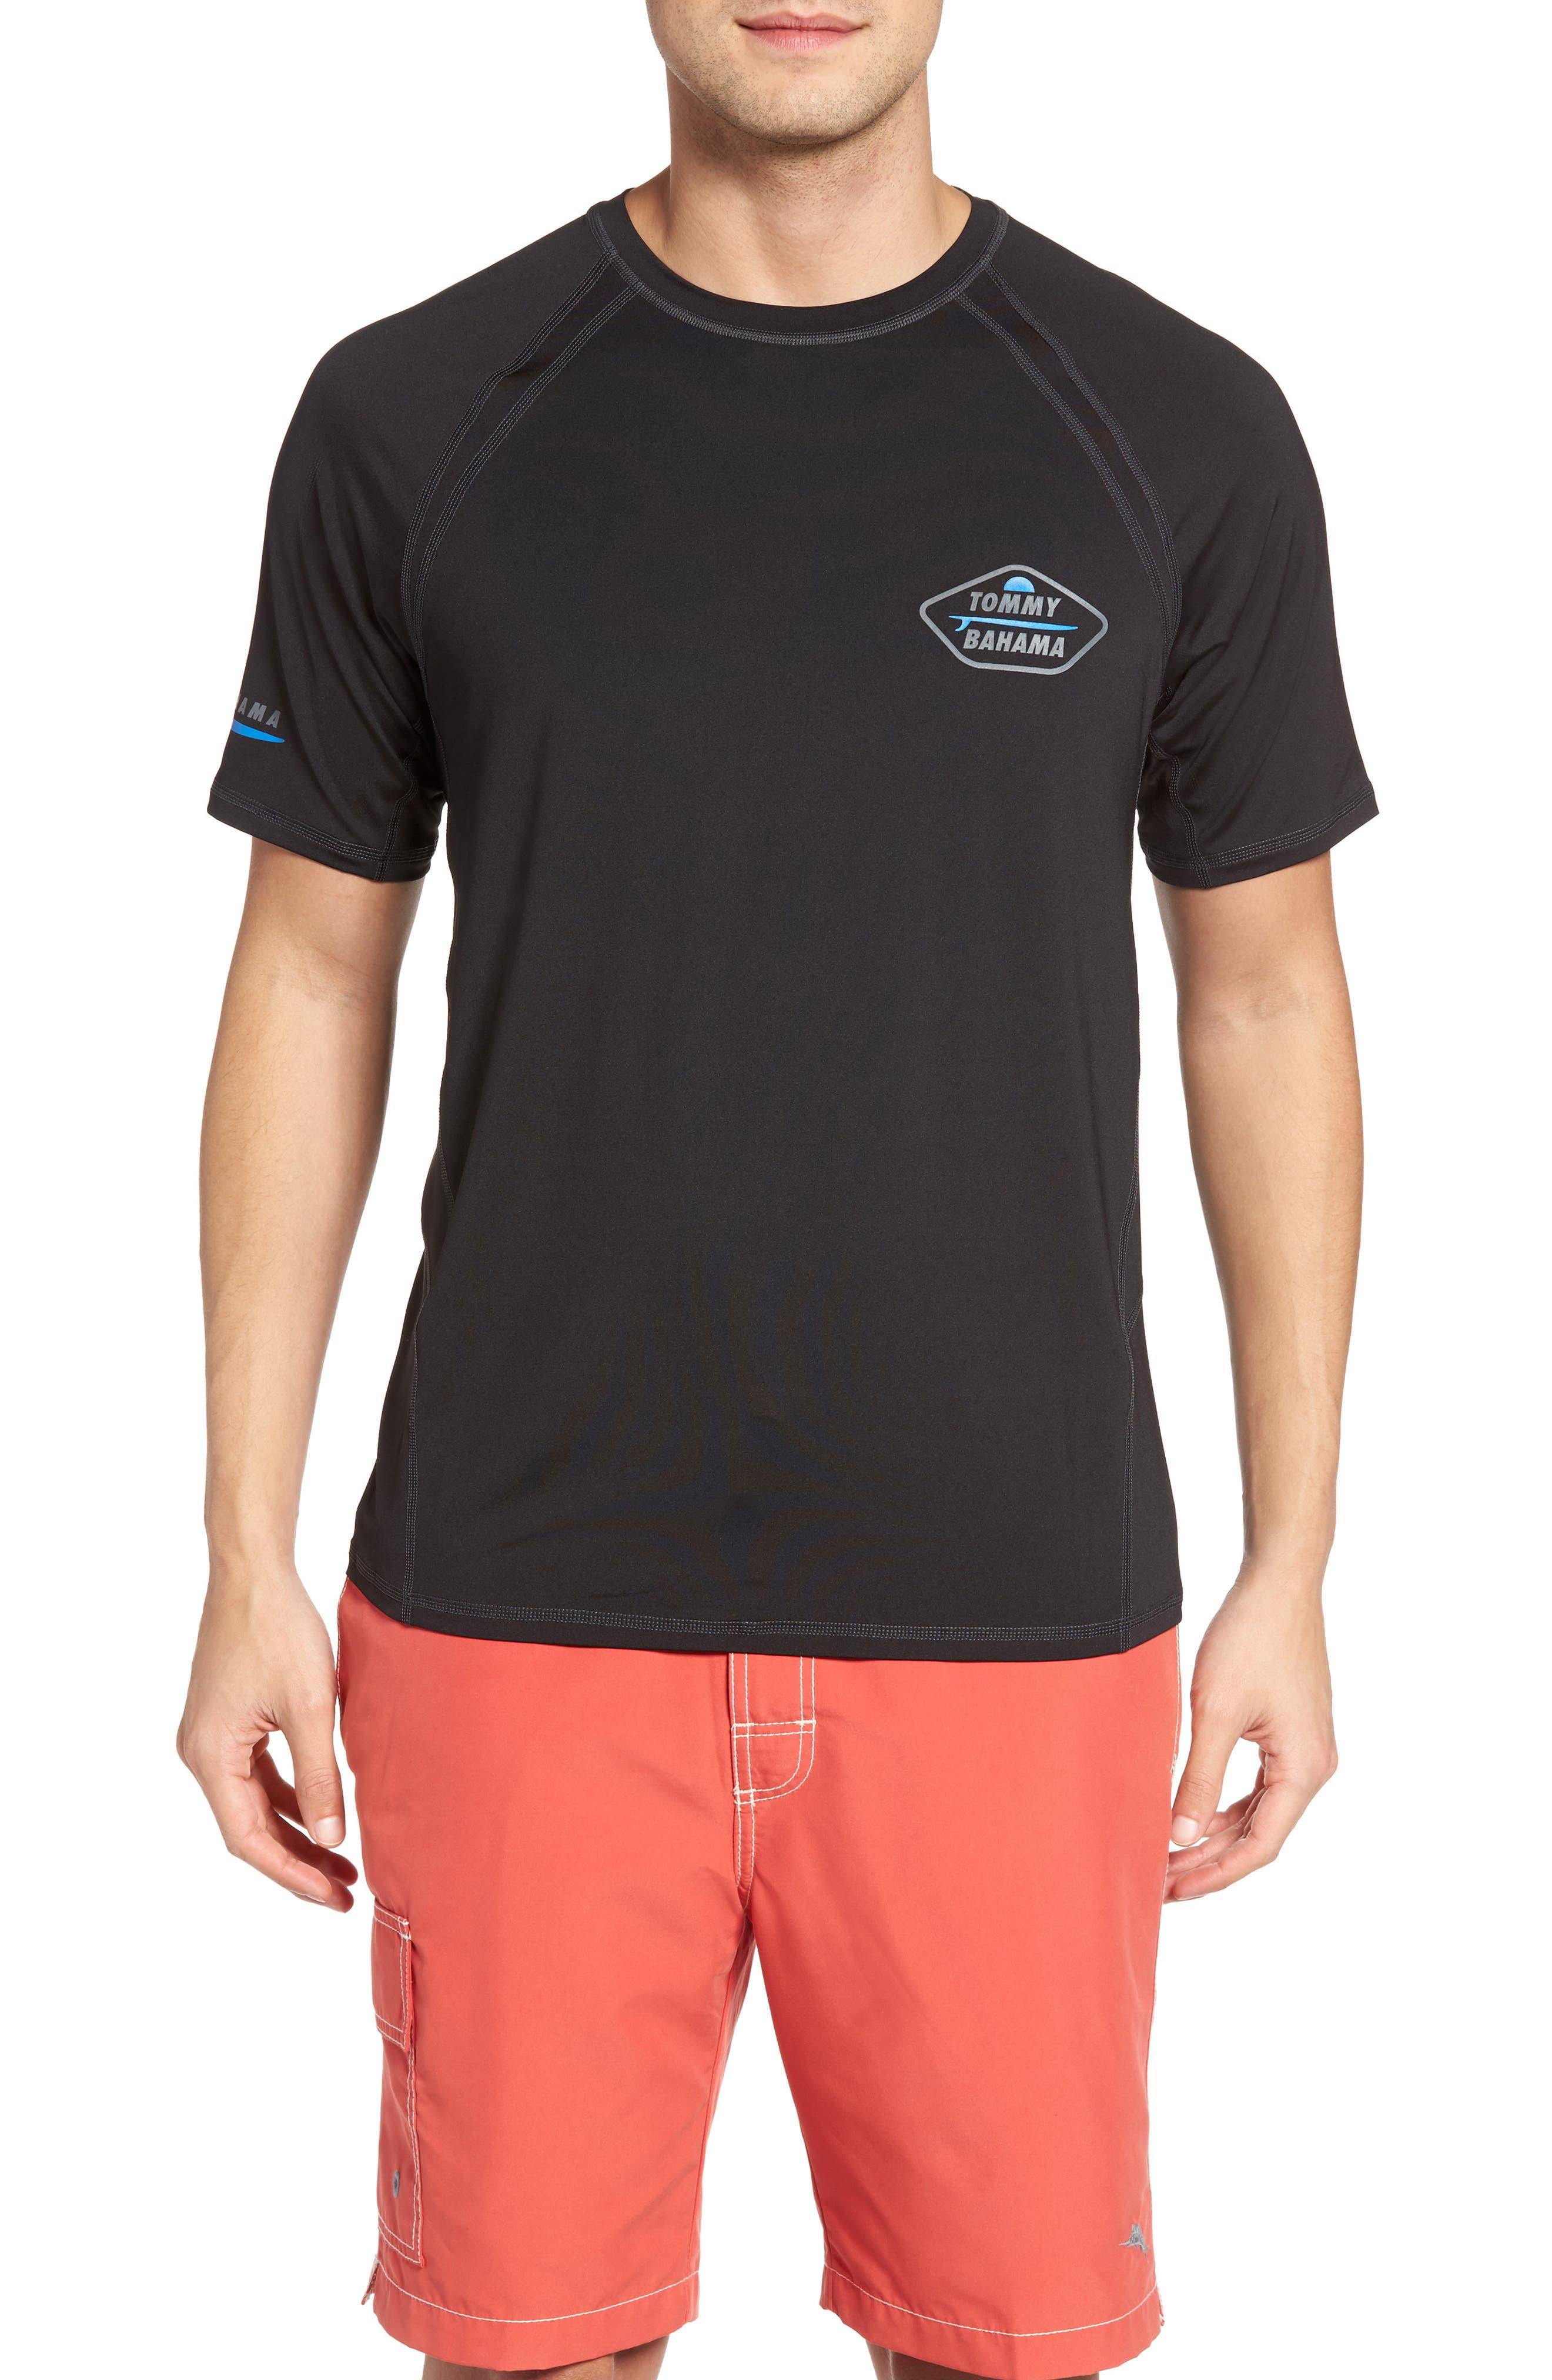 Surf City Graphic T-Shirt,                         Main,                         color, 001